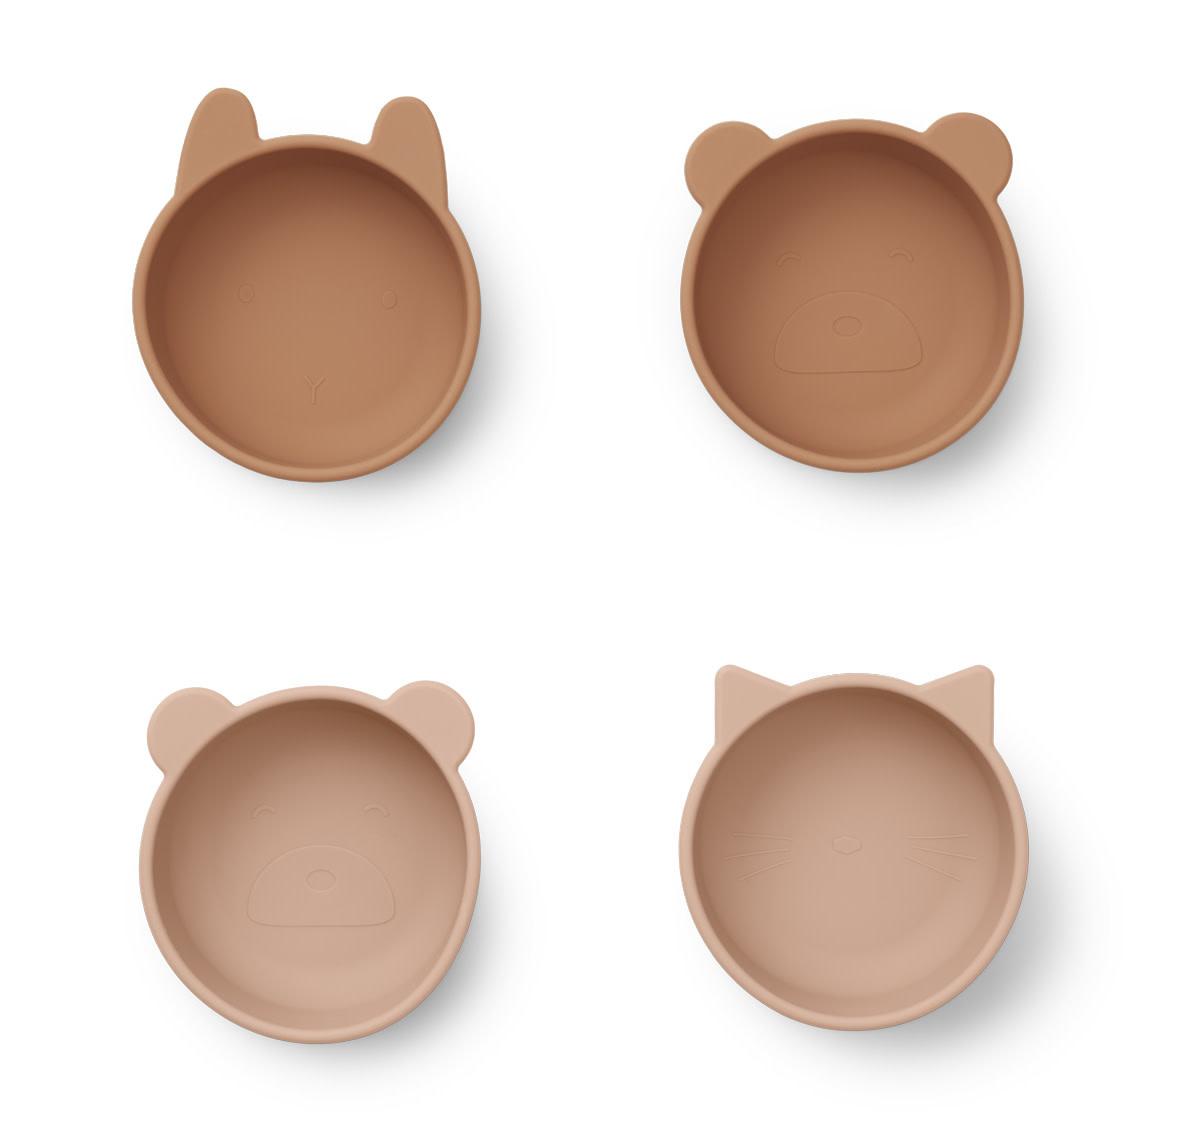 Iggy silicone bowls tuscany rose mix - 4 pack-1